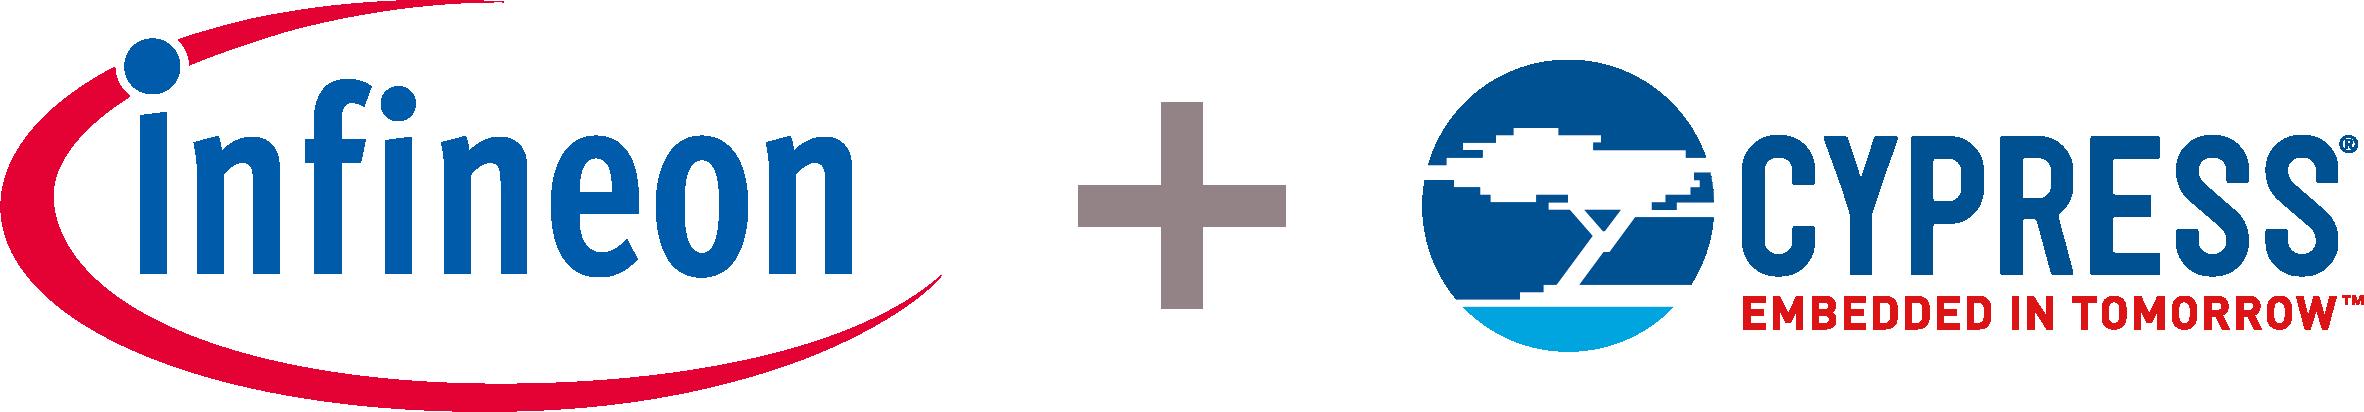 Infineon Cypress